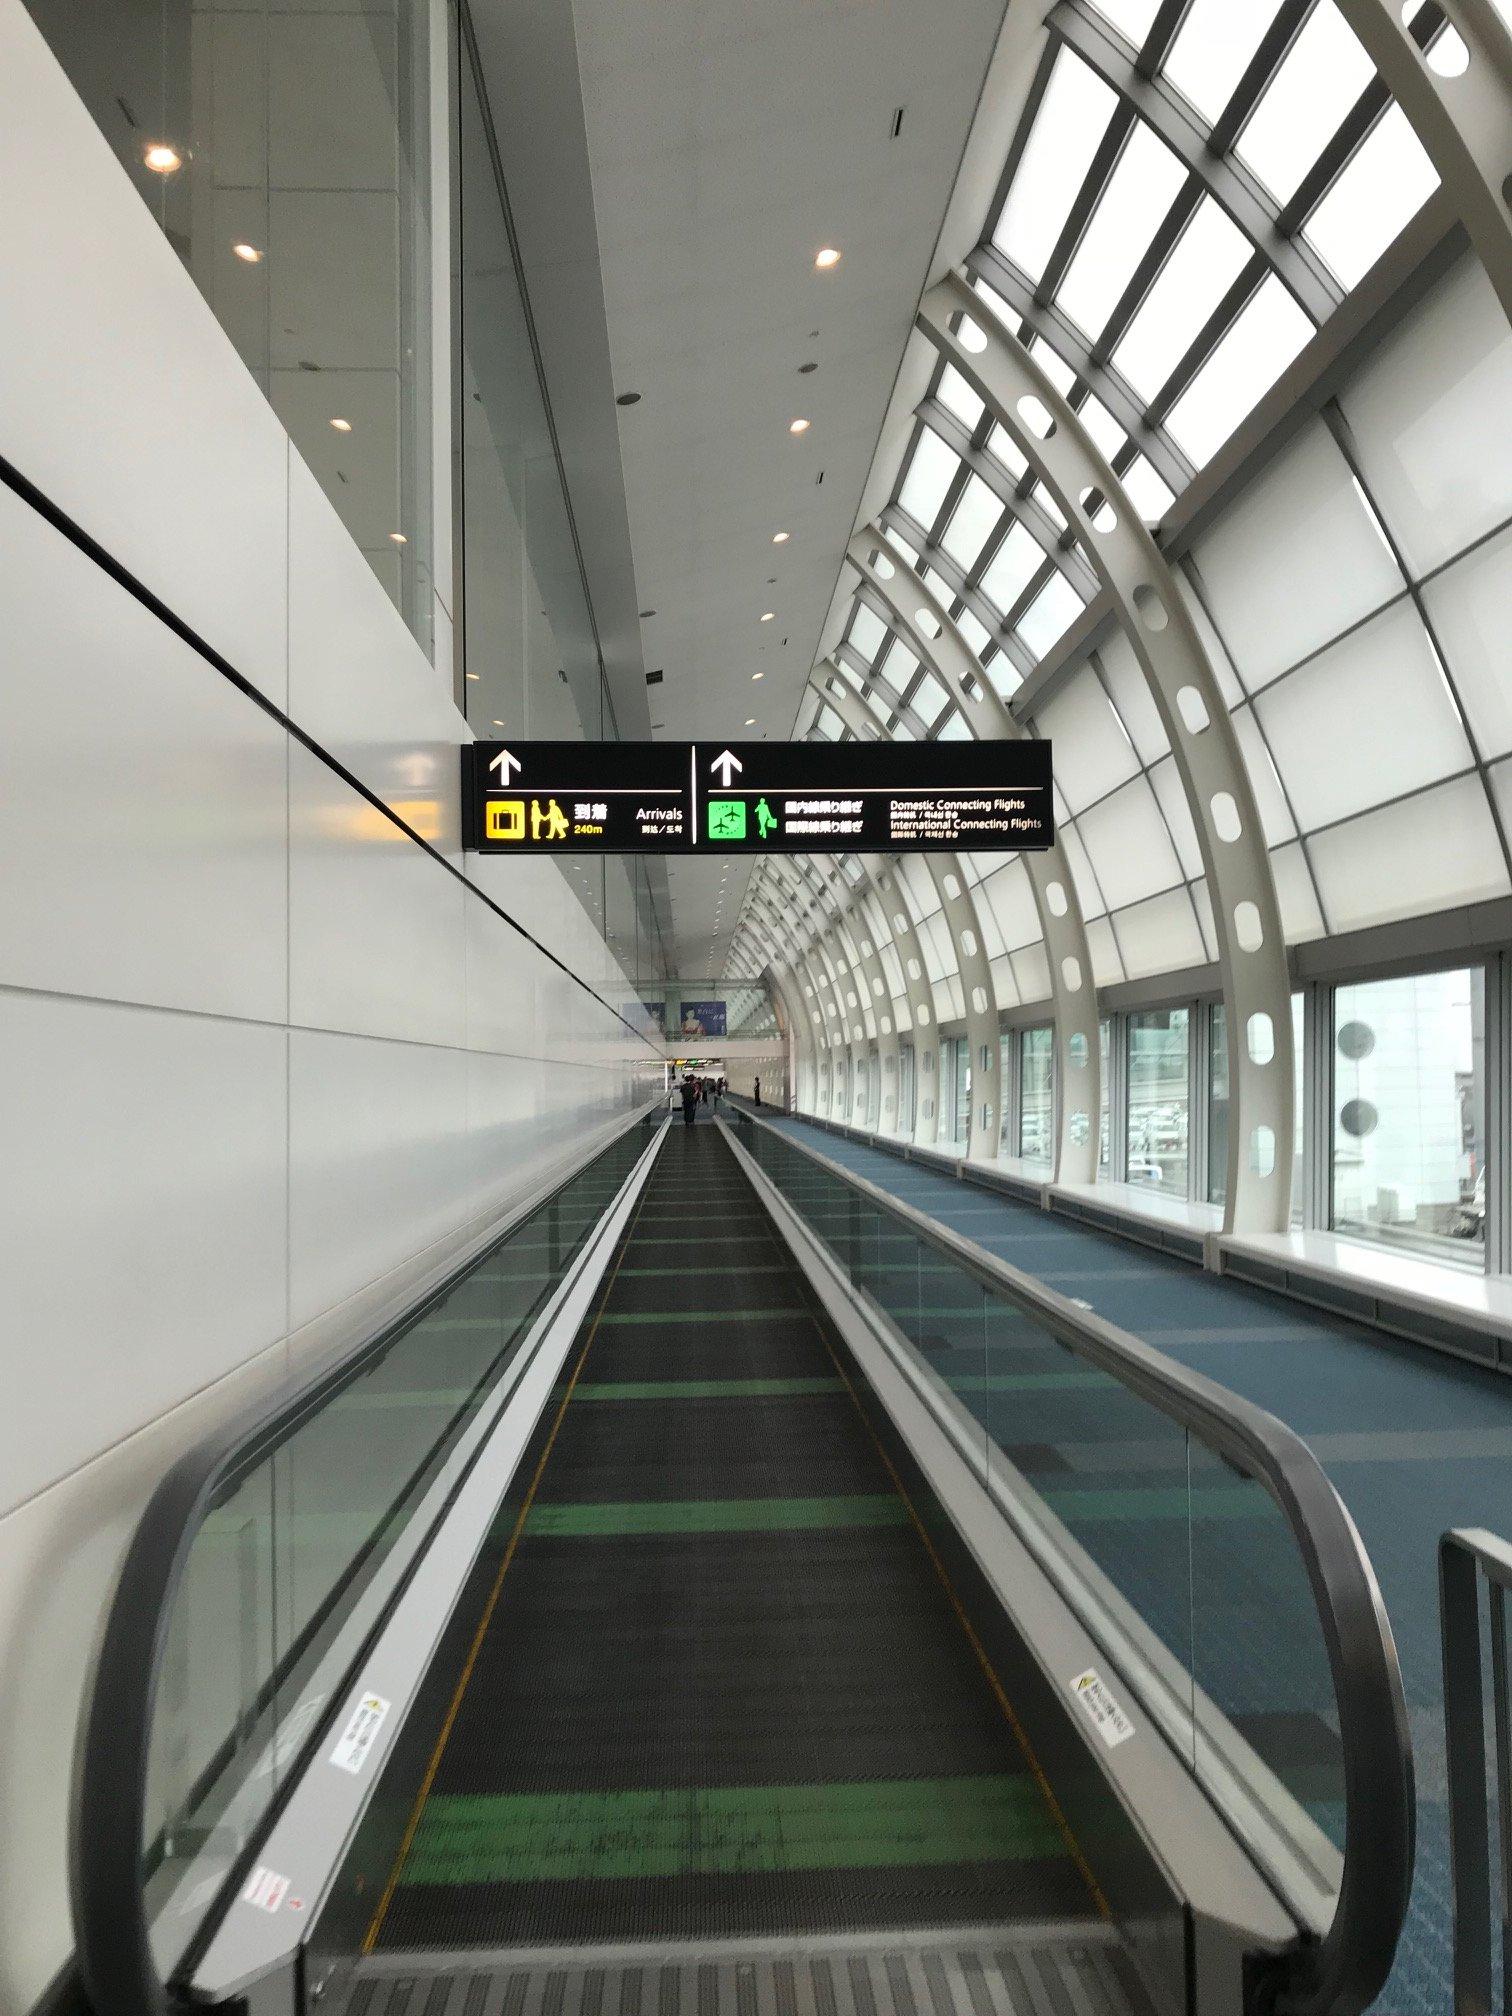 羽田空港 国際線乗り継ぎ